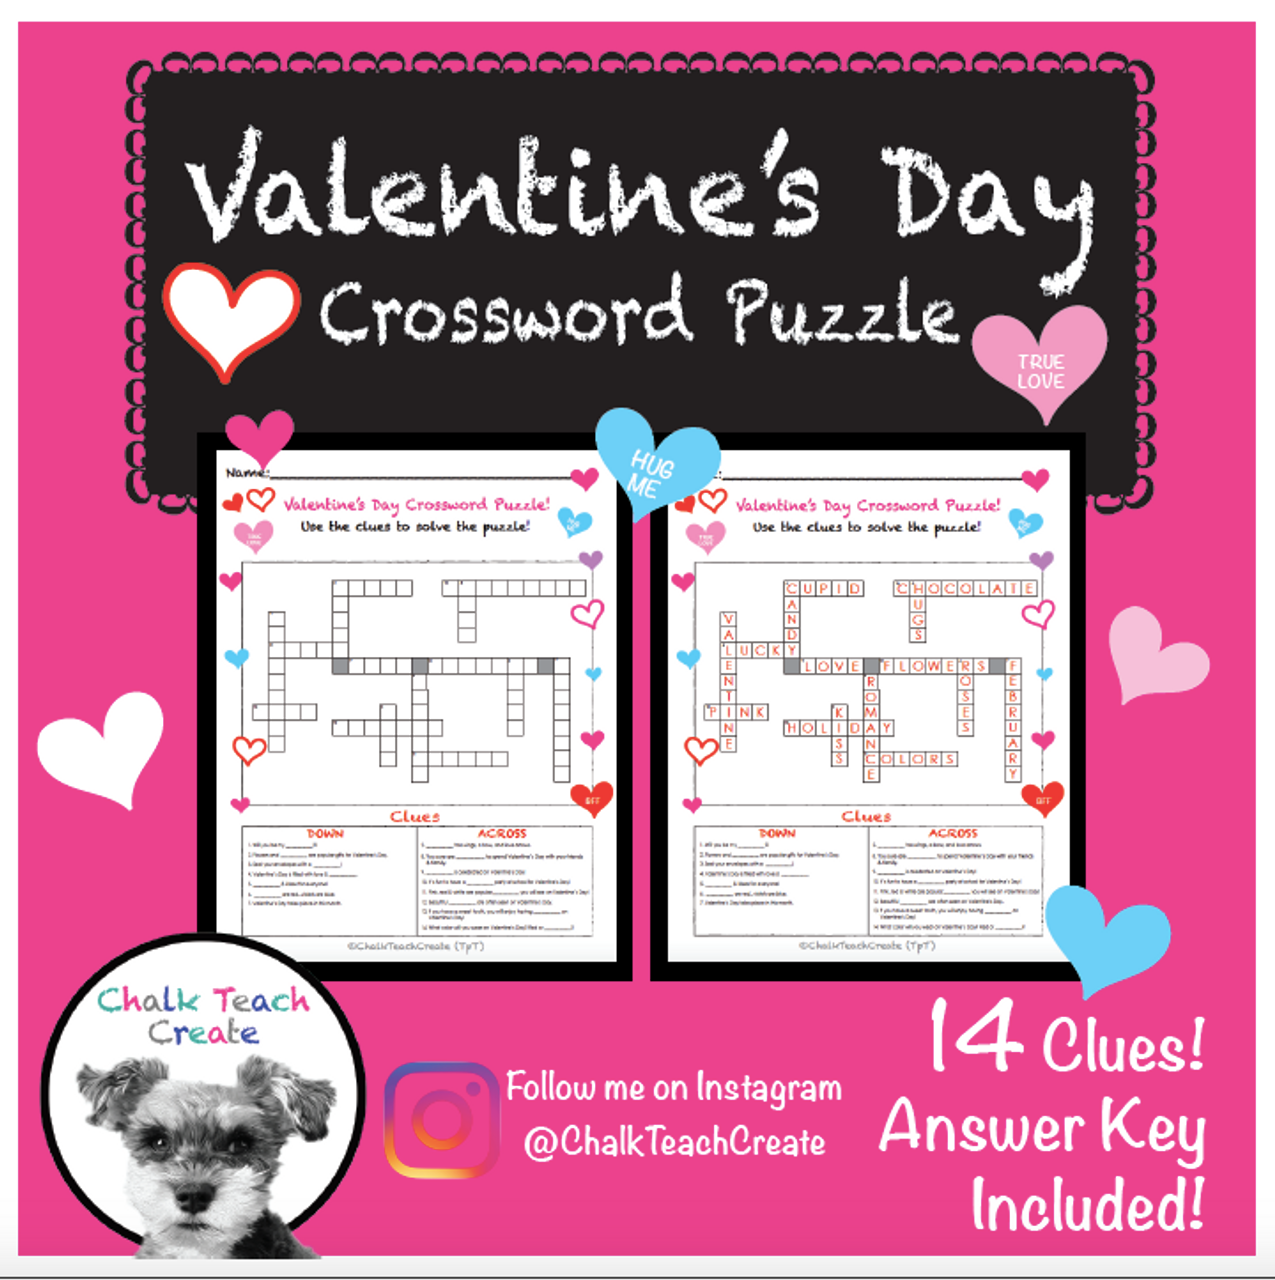 Valentine's Day Crossword Puzzle!